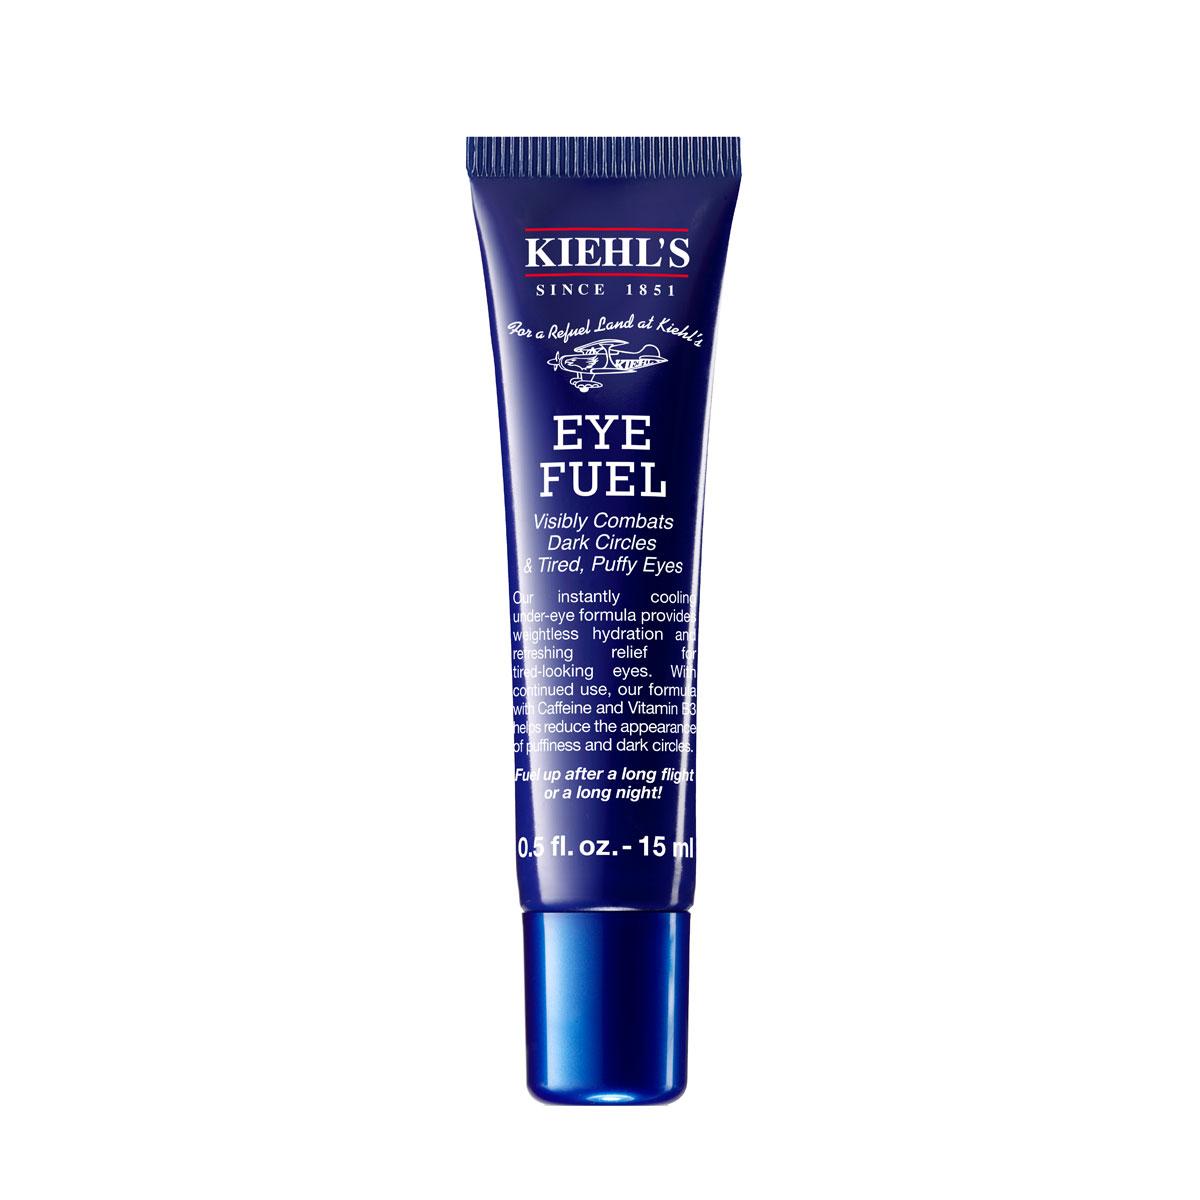 Eye Fuel de Kiehl's - Una crema de ojos creada para caballeros y está infusionada con cafeína y vitamina B3 para ayudar a reducir las bolsas y las ojeras. Ordénala a través de https://klickandgo.kiehls-pr.com/ (Suministrada)